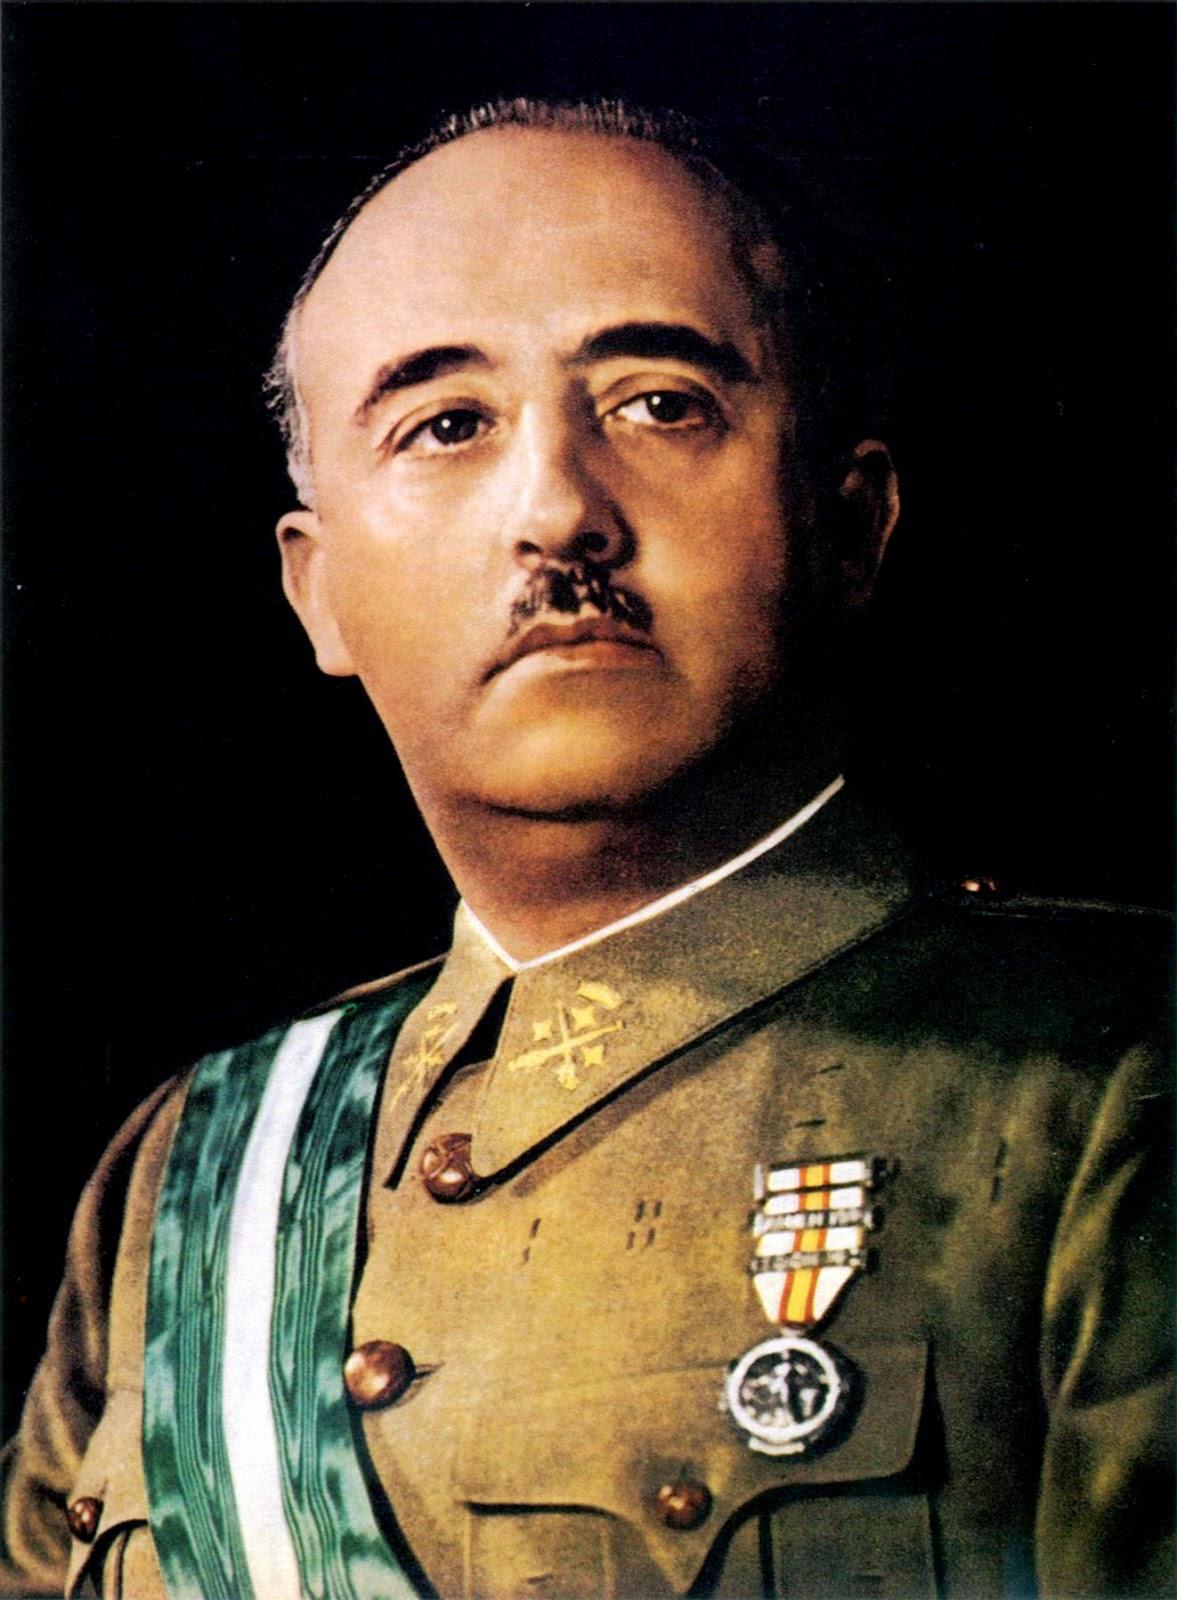 Comentario Mensaje del General Franco